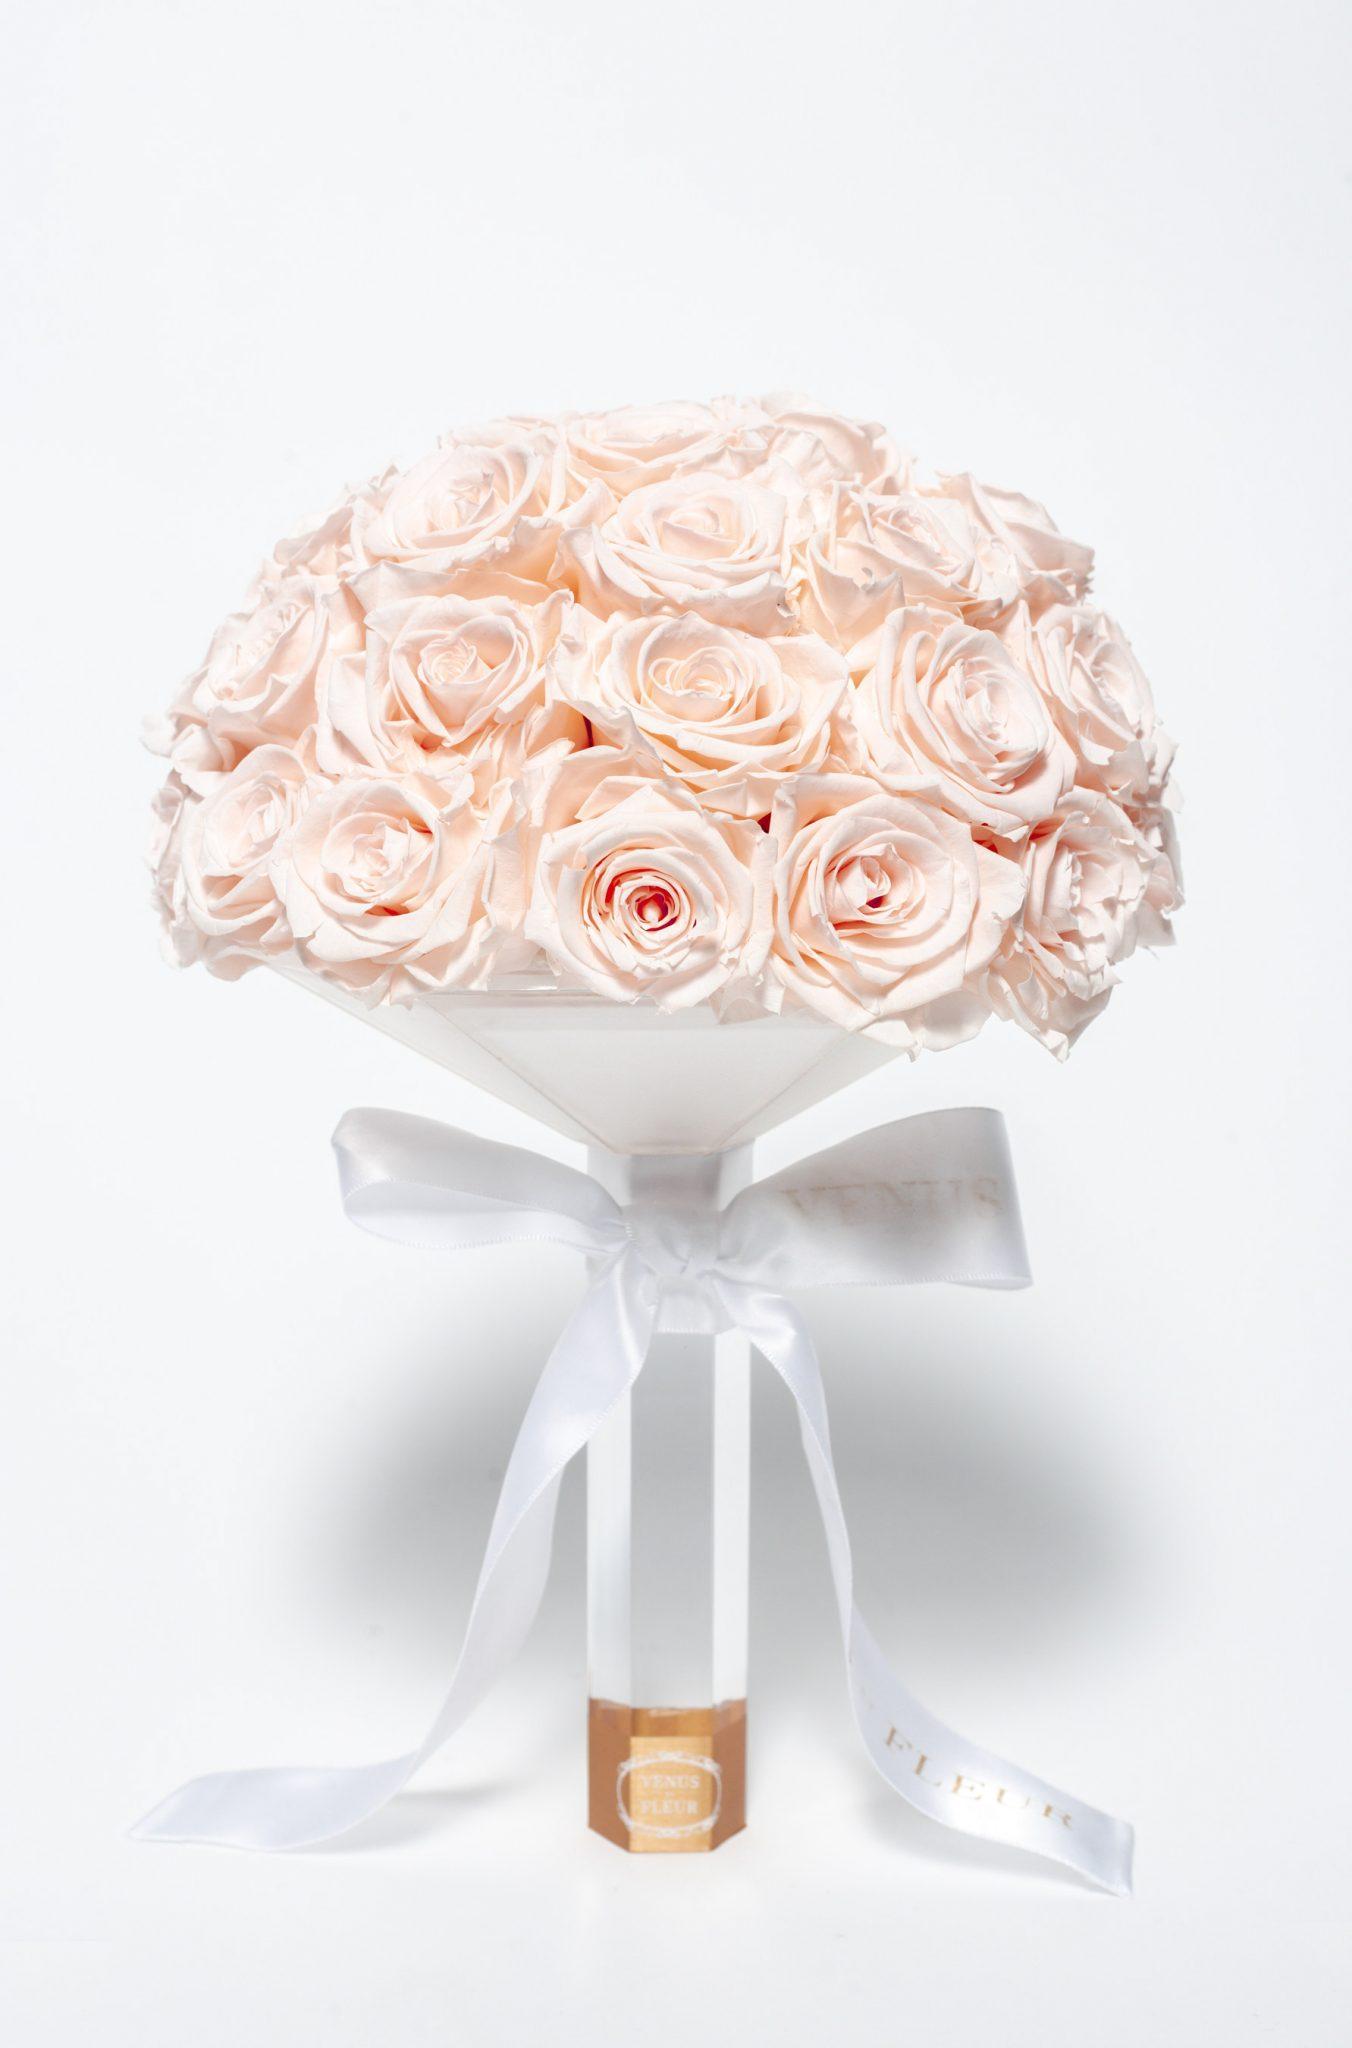 Venus ET Fleur Launches New Bridal Collection of  Bouquets